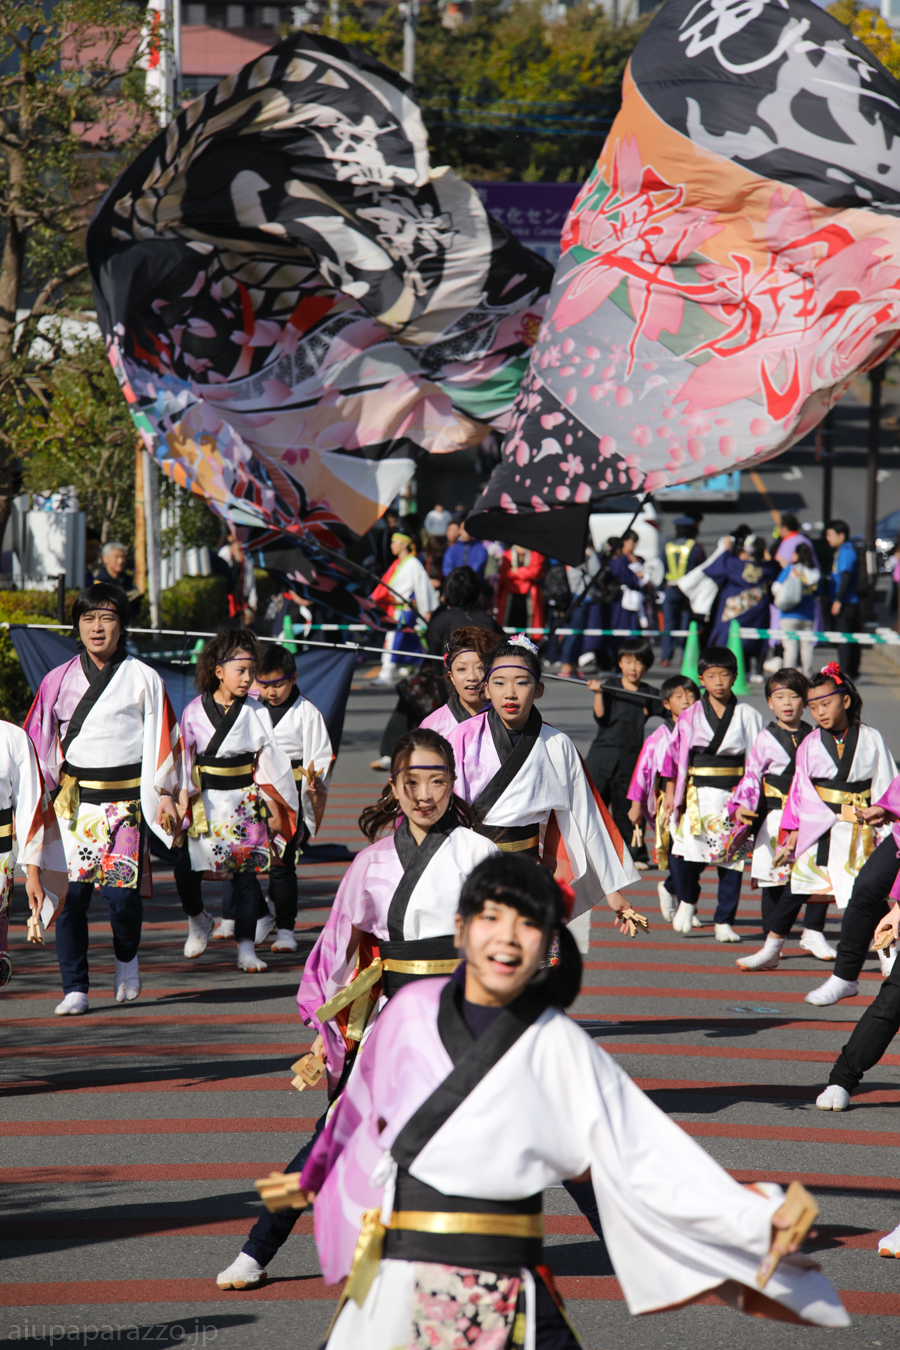 kabuki2016ran_oyachai-28.jpg